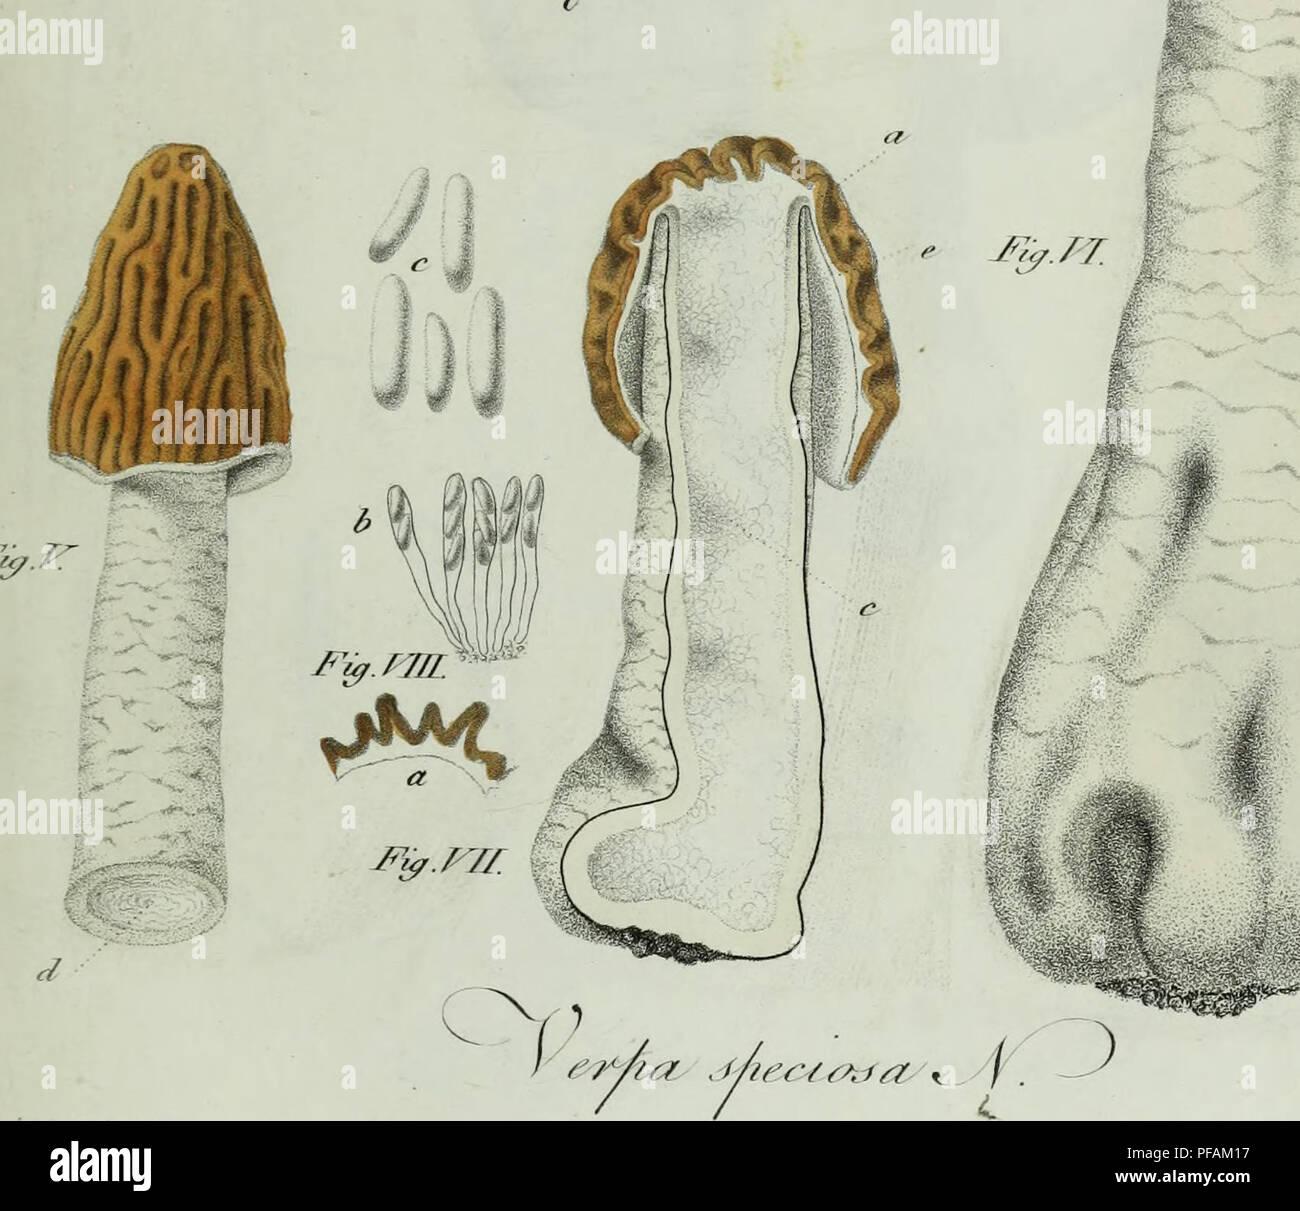 . Descrizione dei funghi mangerecci più comuni dell'Italia e de' velenosi che possono co' medesimi confondersi. Fungi; Mushrooms. T&fniÃ. FVa.PT V / ìlleuli?ii. oc /iri/ura ,Â«Â«l»^; X. Please note that these images are extracted from scanned page images that may have been digitally enhanced for readability - coloration and appearance of these illustrations may not perfectly resemble the original work.. Vittadini, Carlo; Cavagna Sangiuliani di Gualdana, Antonio, conte, 1843-1913, former owner. IU-R. Milano, Rusconi Stock Photo